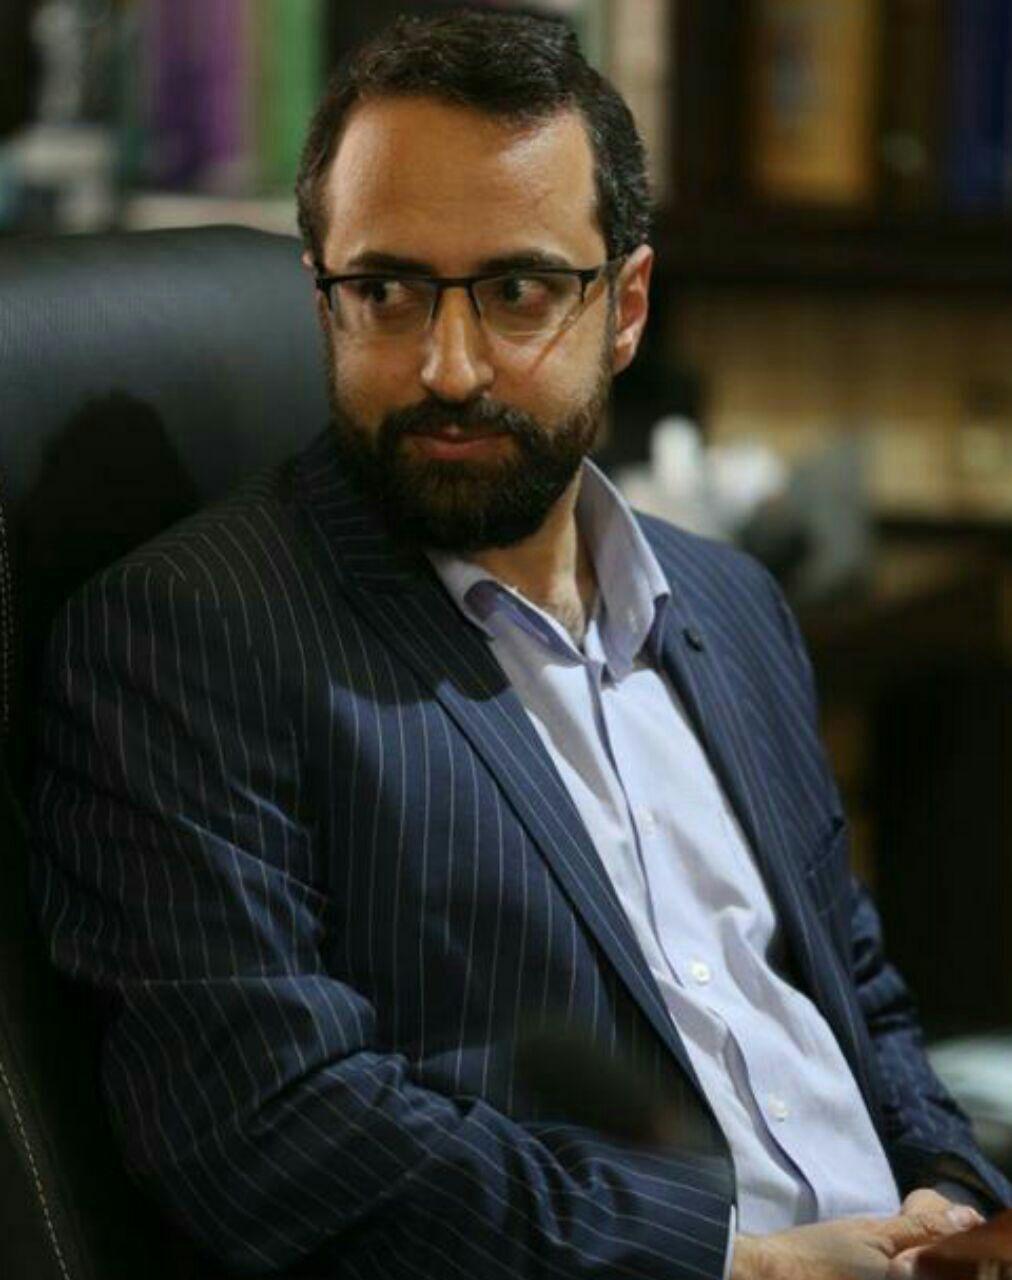 مرتضی عاطفی مدیر روابط عمومی و تشریفات استانداری گیلان از سمت خود استعفا داد